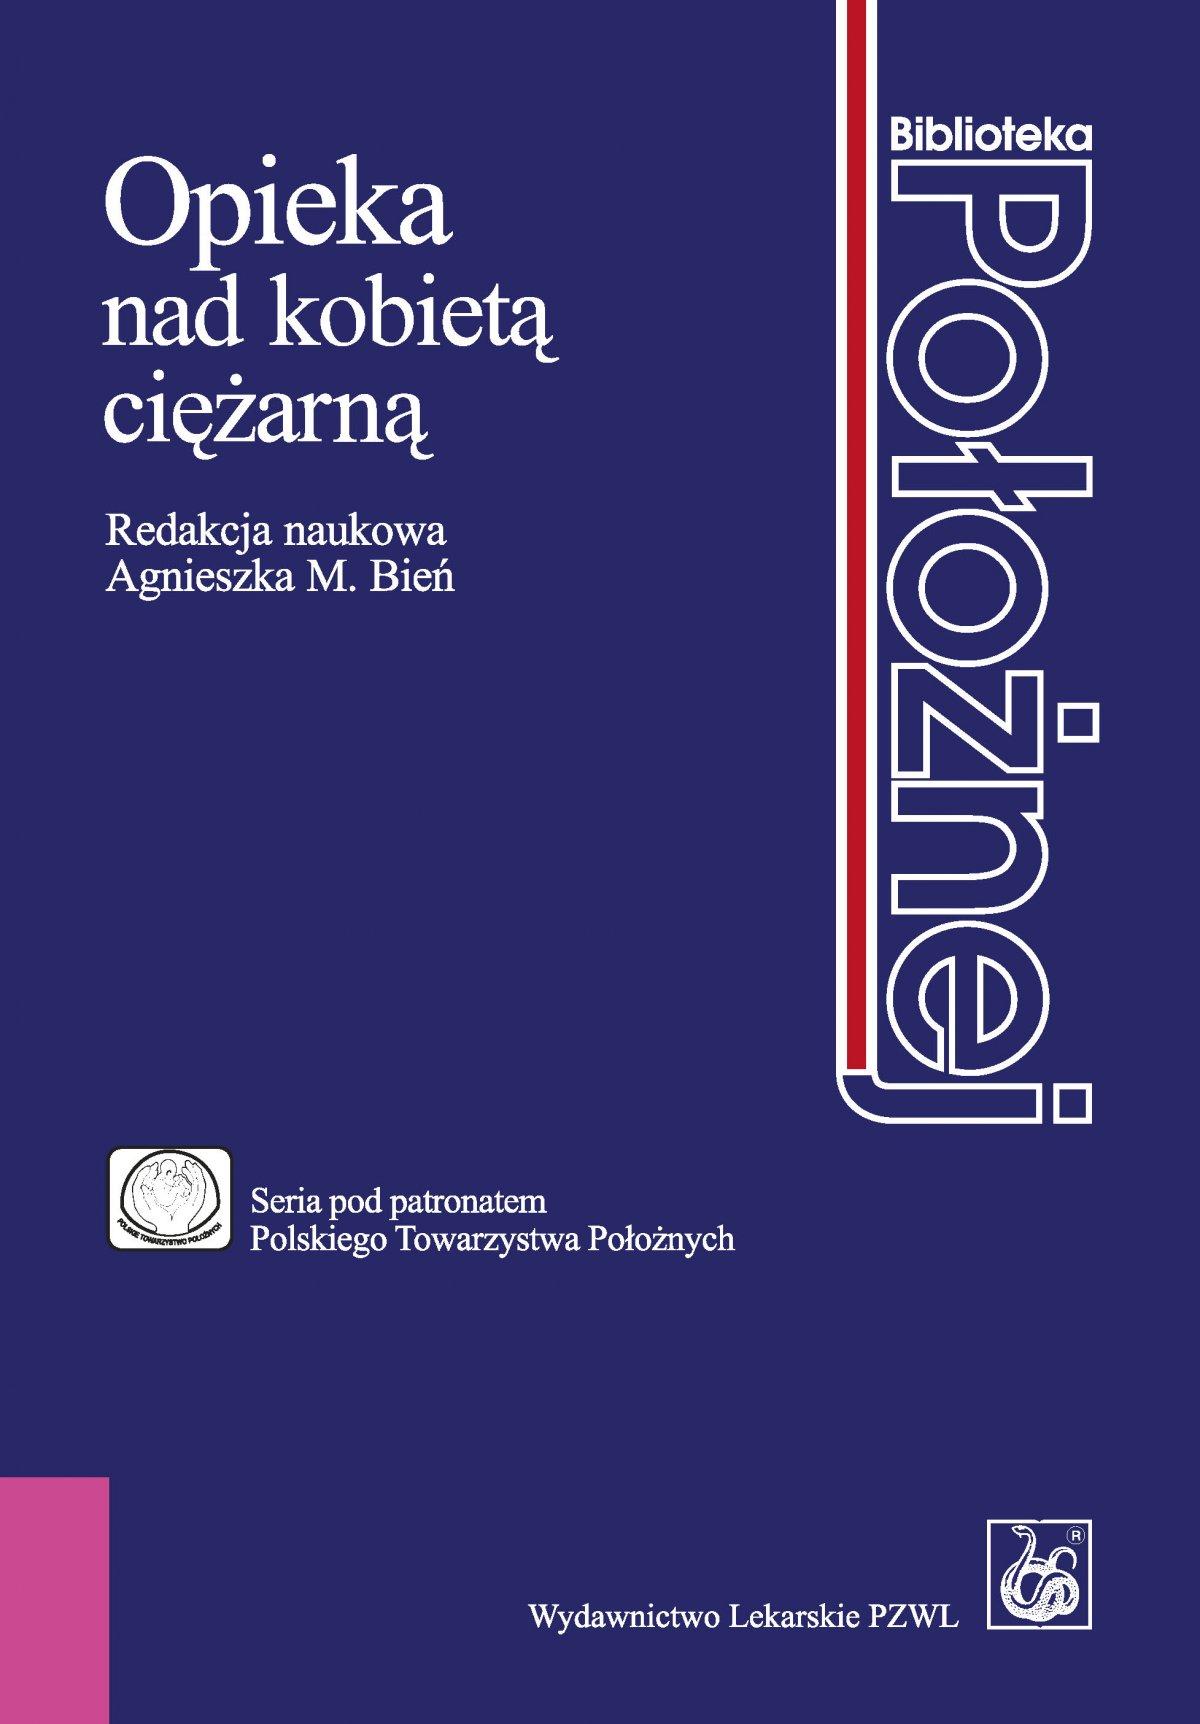 Opieka nad kobietą ciężarną… - Ebook (Książka na Kindle) do pobrania w formacie MOBI